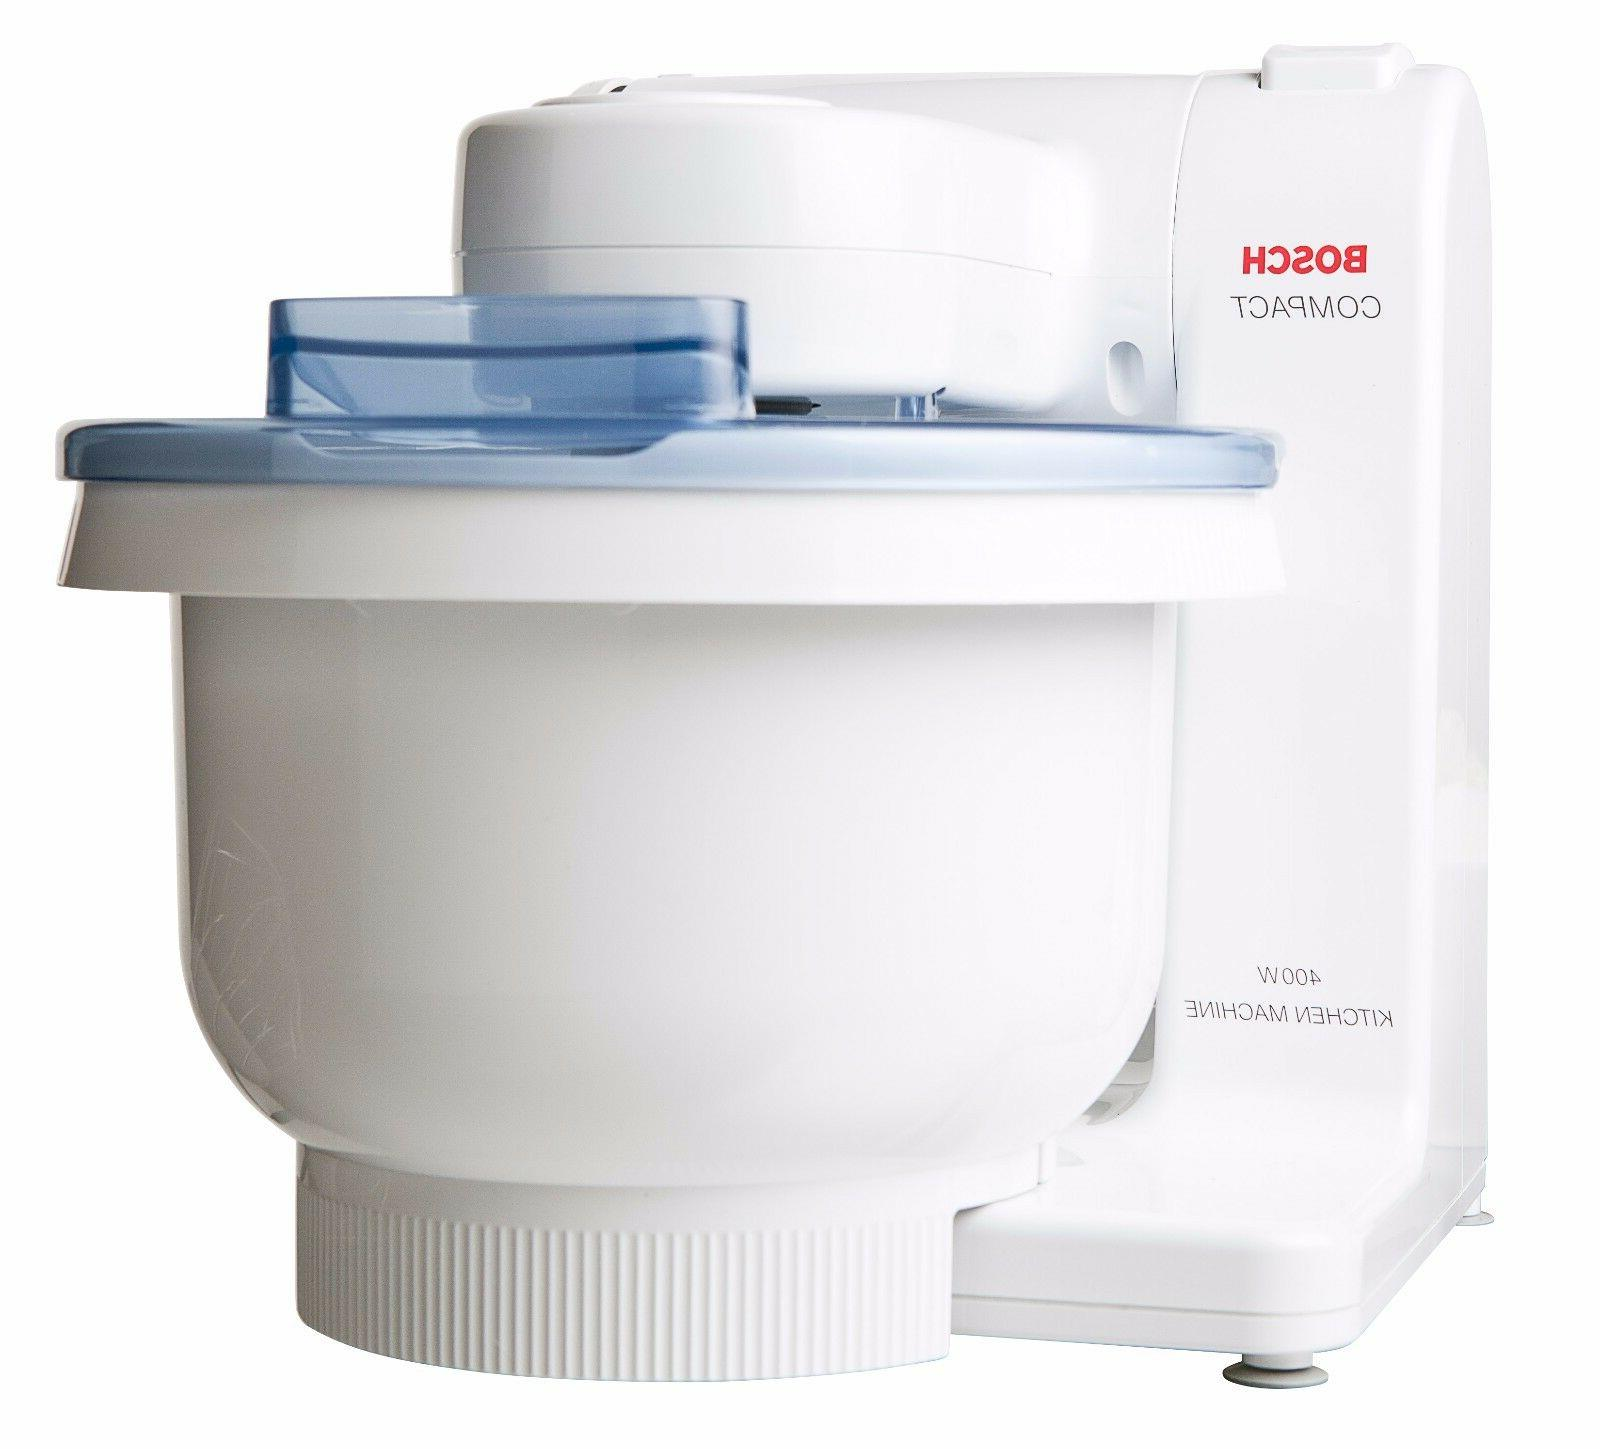 Bosch MUM4405 400 Mixer Pouring